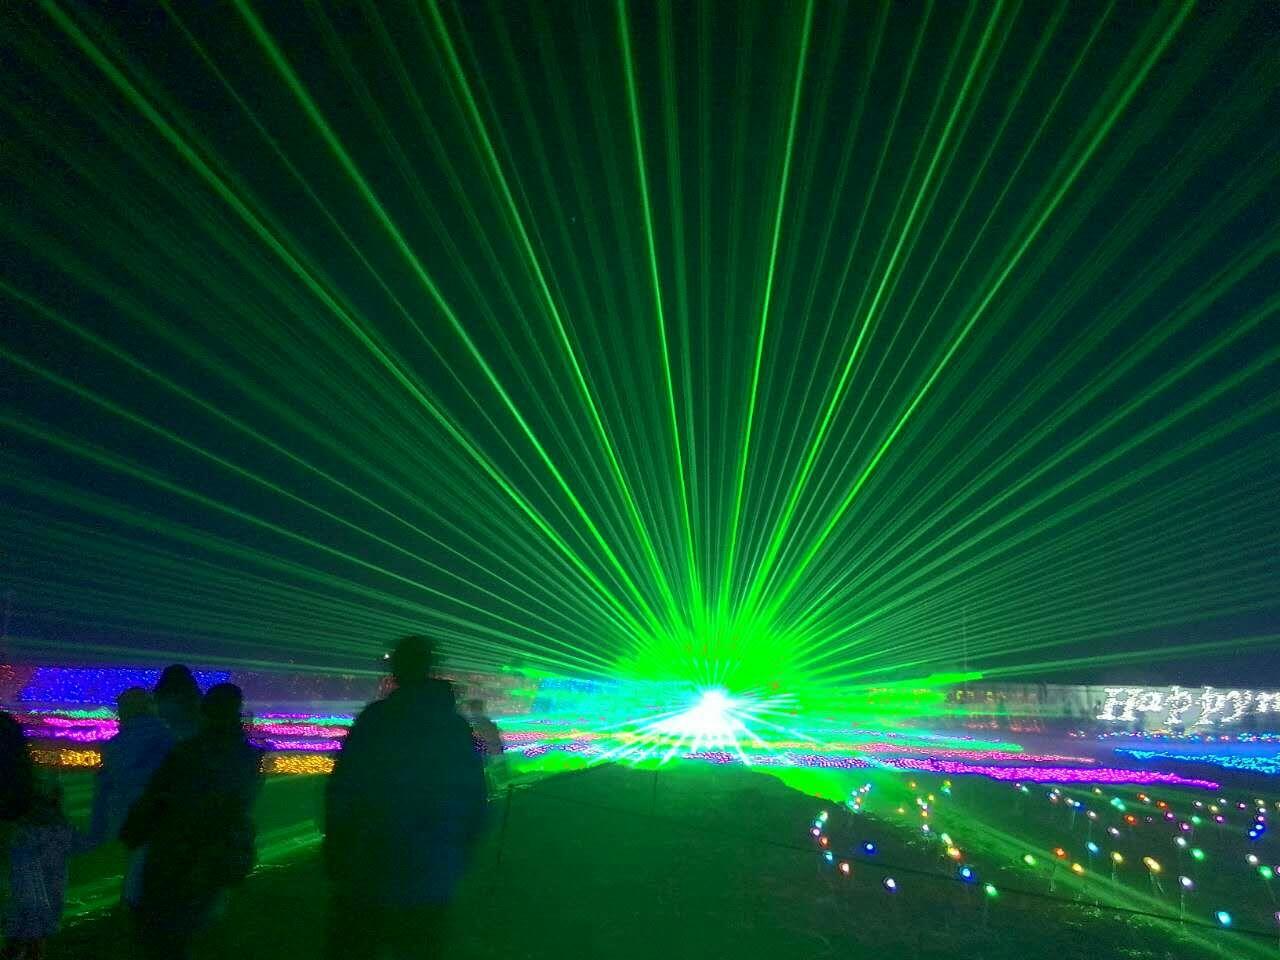 上海激光灯|重庆激光灯|万圣激光灯厂家(点击咨询)